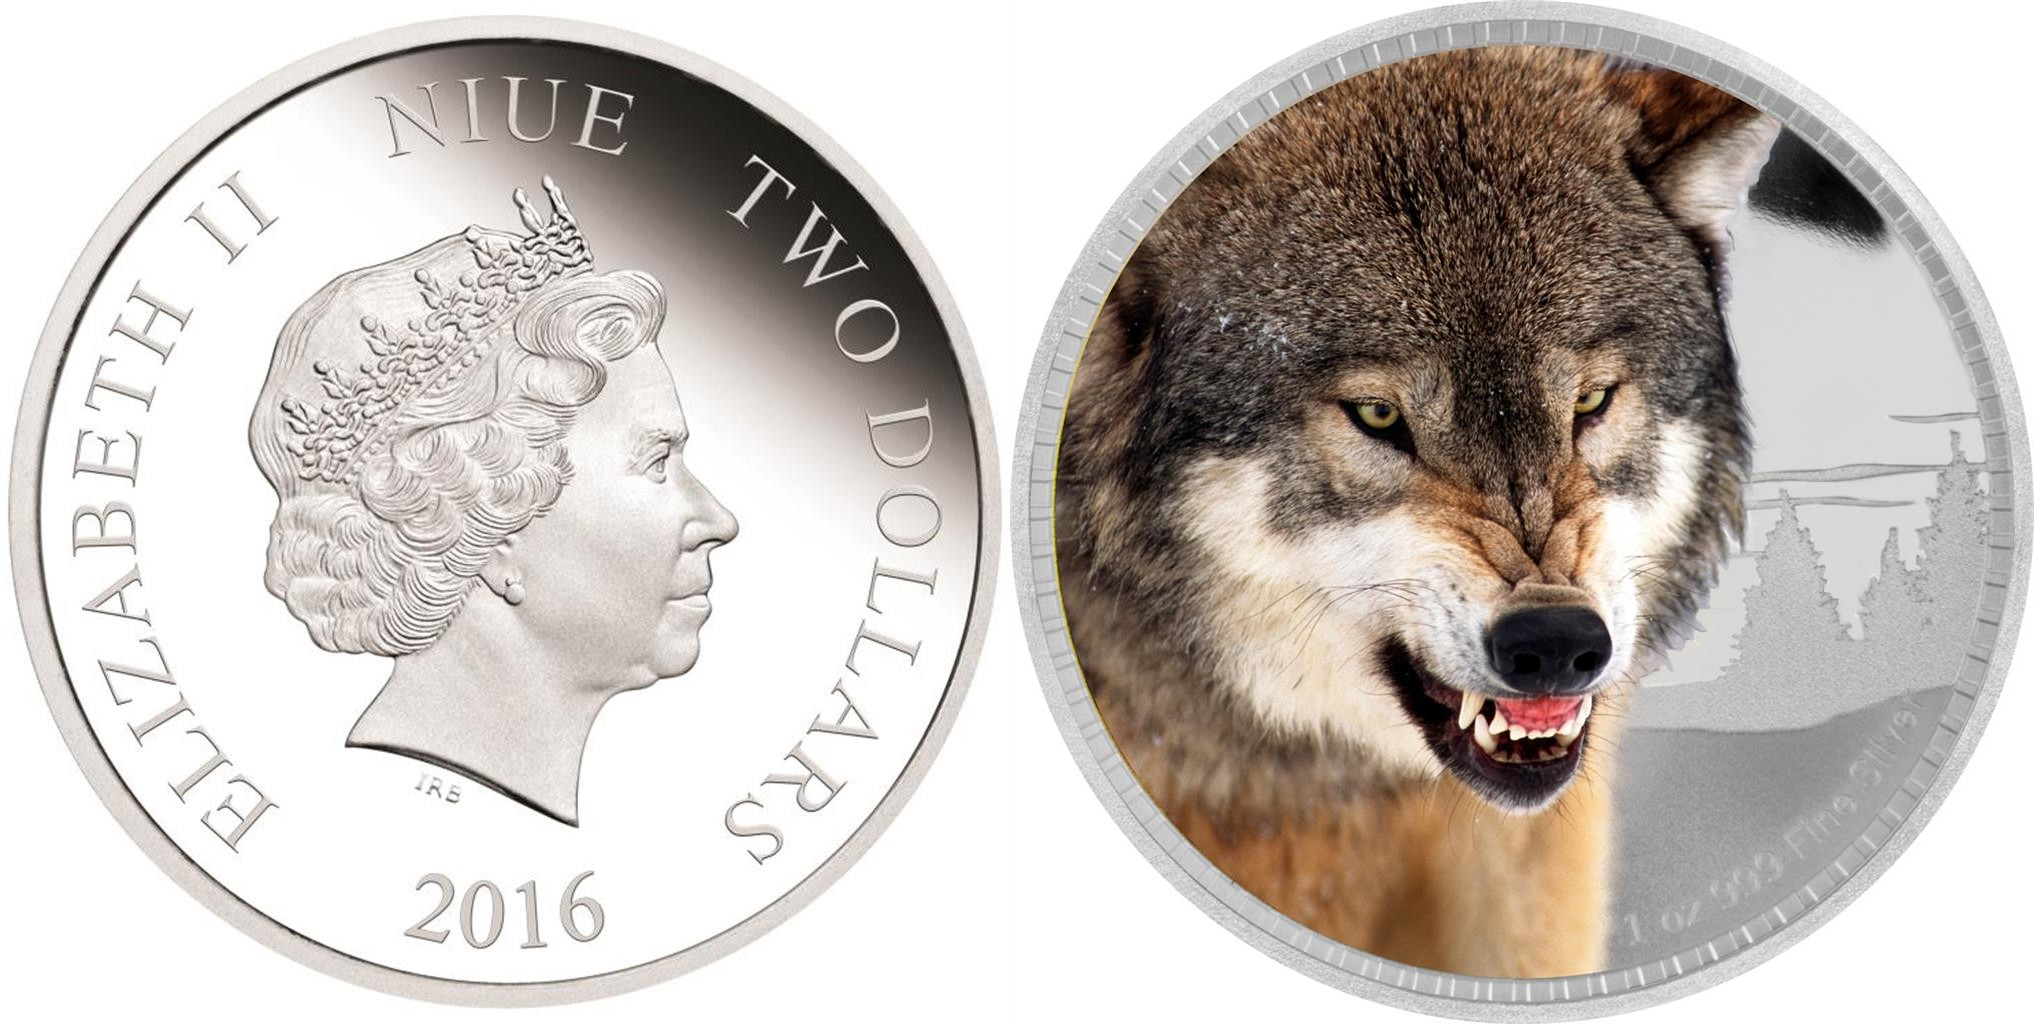 niue 2016 roi des continents loup